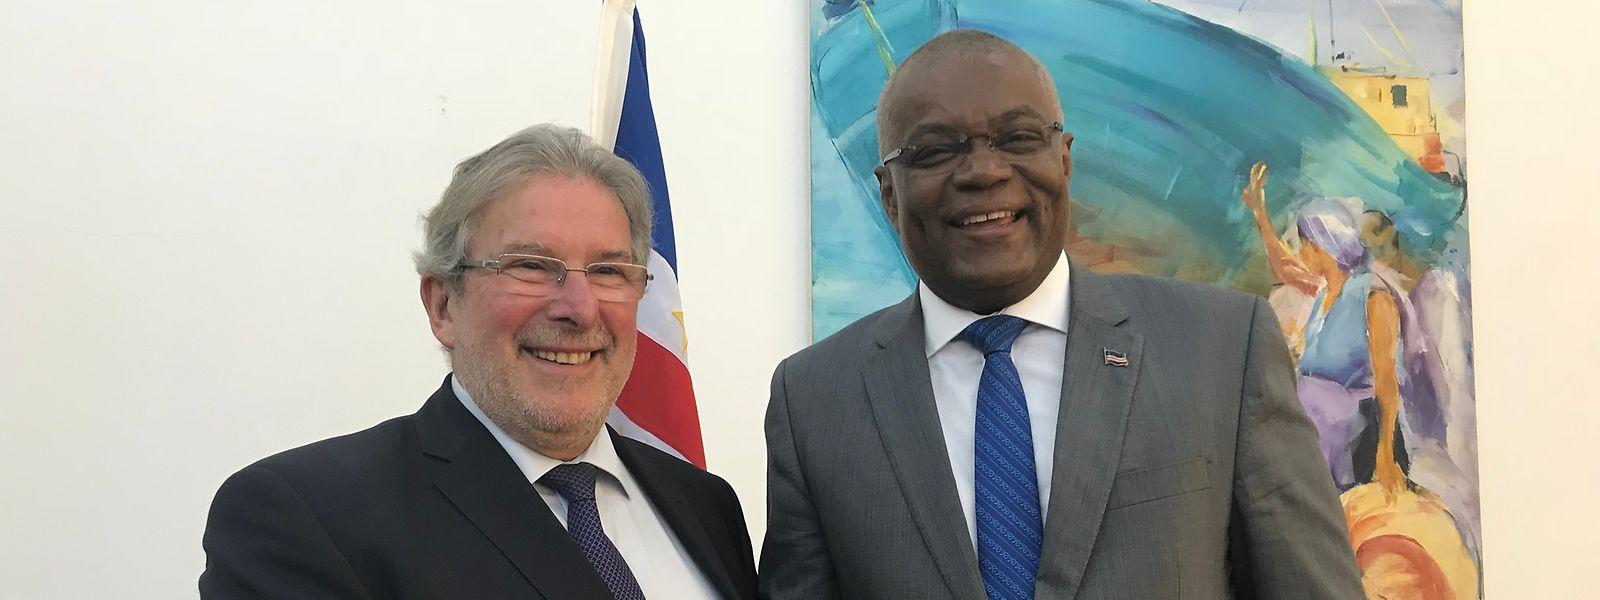 Mars di Bartolomeo está em Cabo Verde a convite do seu homólogo Jorge Santos.